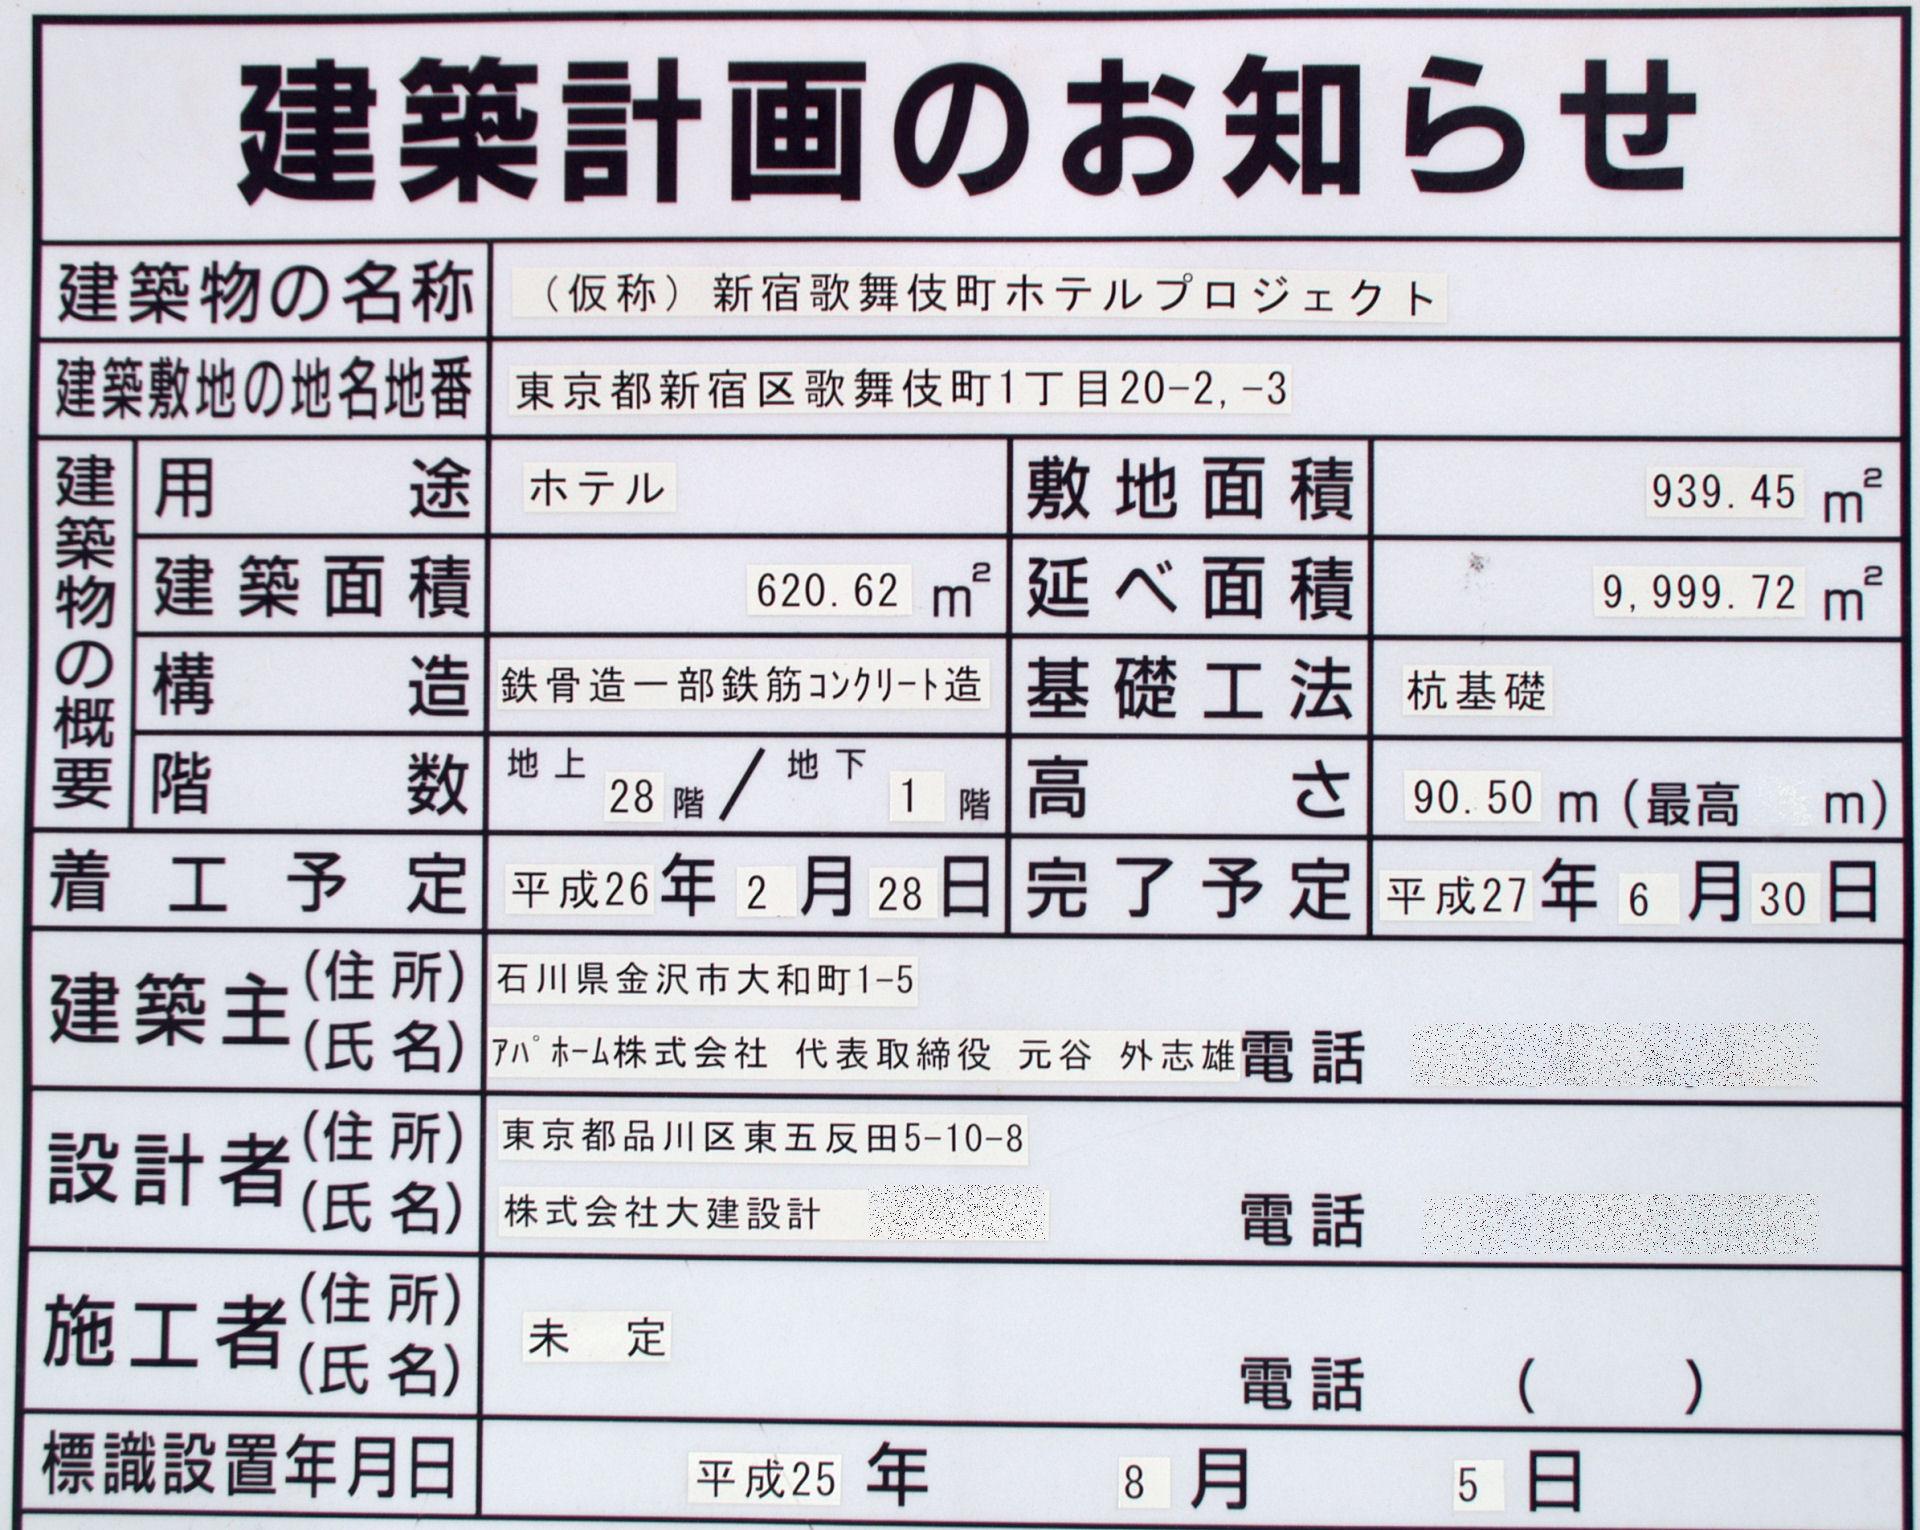 shinjuku14010053.jpg